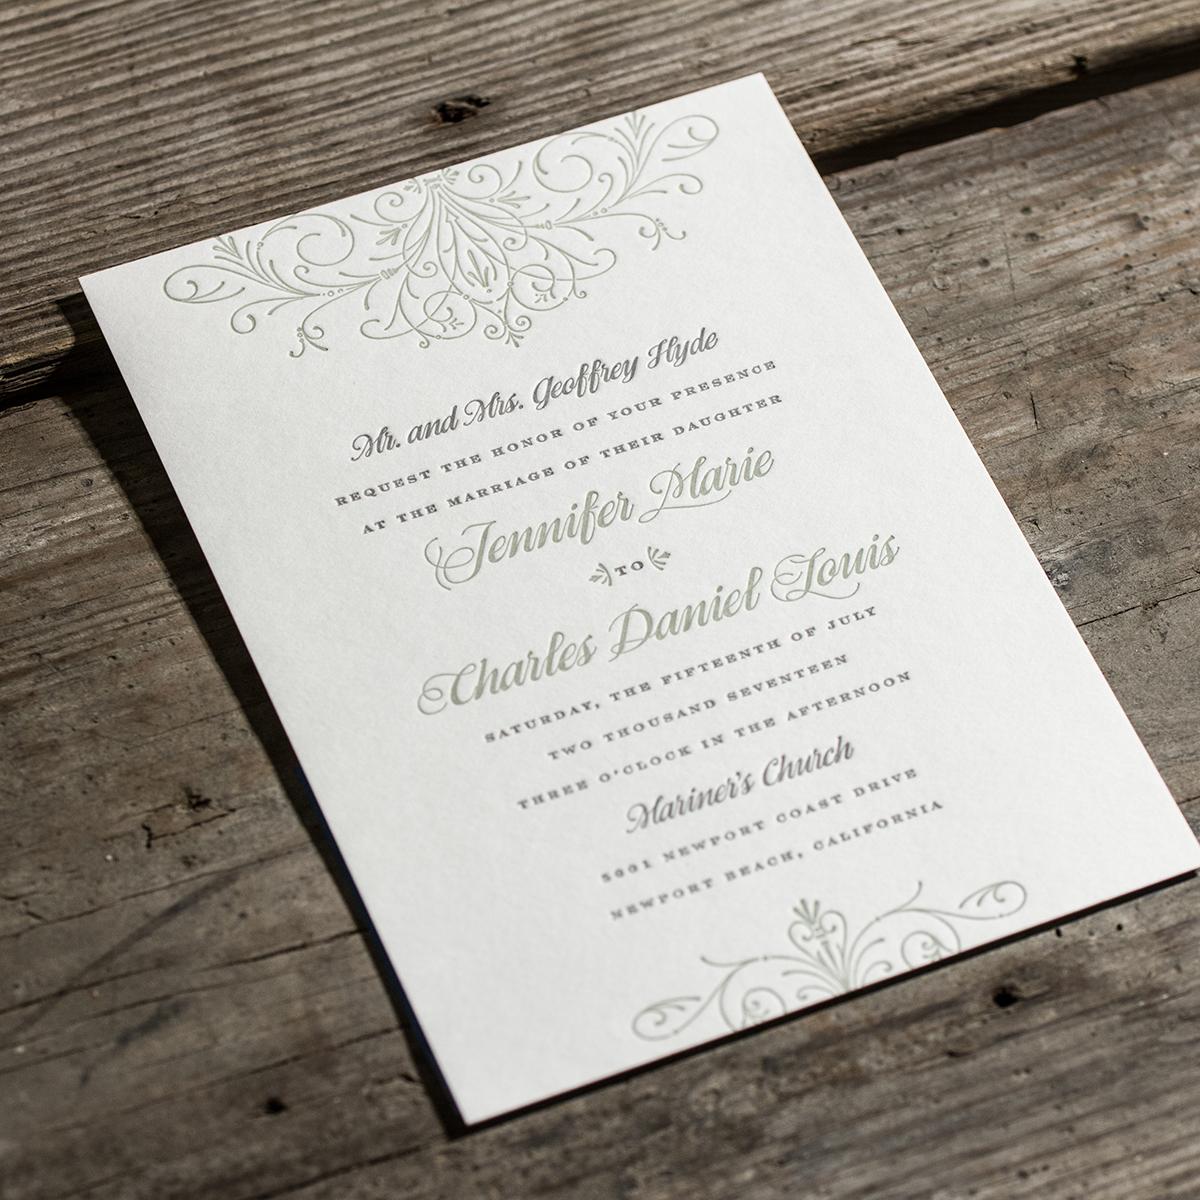 Wedding Invitations Nj | La Belle Papeterie Morristown Nj Wedding Invitations Services